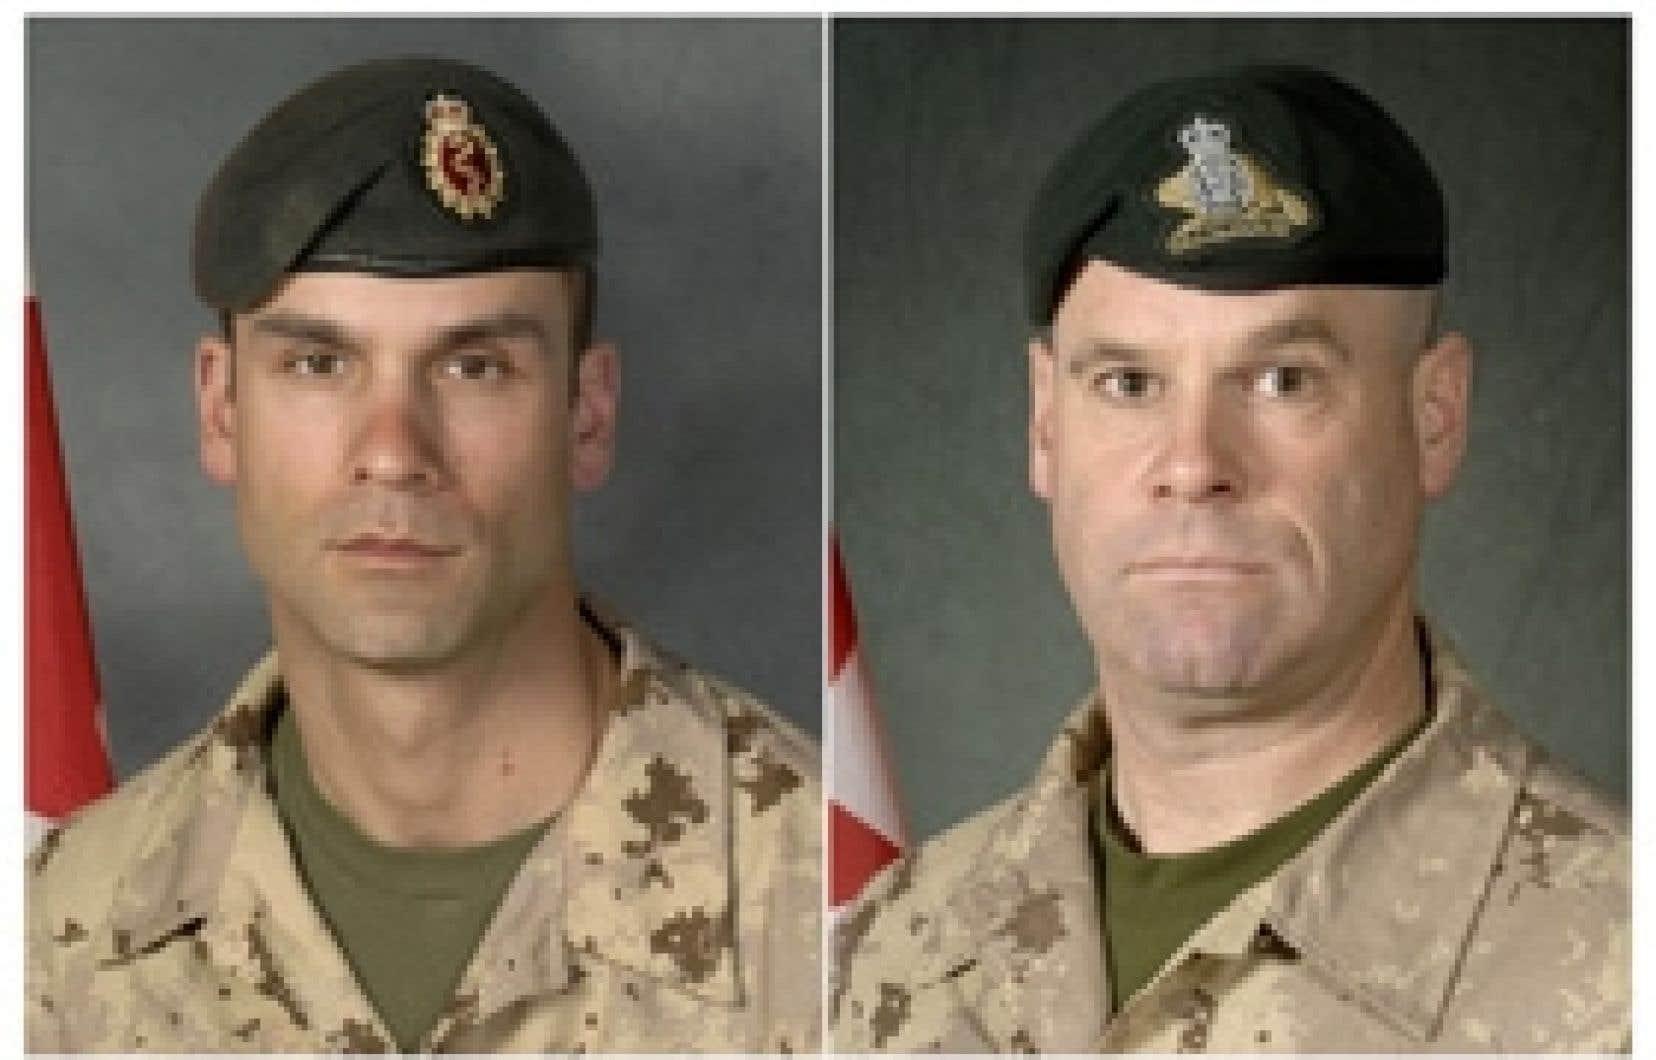 Le caporal-chef Christian Duchesne, 34 ans, et l'adjudant-maître Mario Mercier, 43 ans, sont décédés en Afghanistan mercredi.